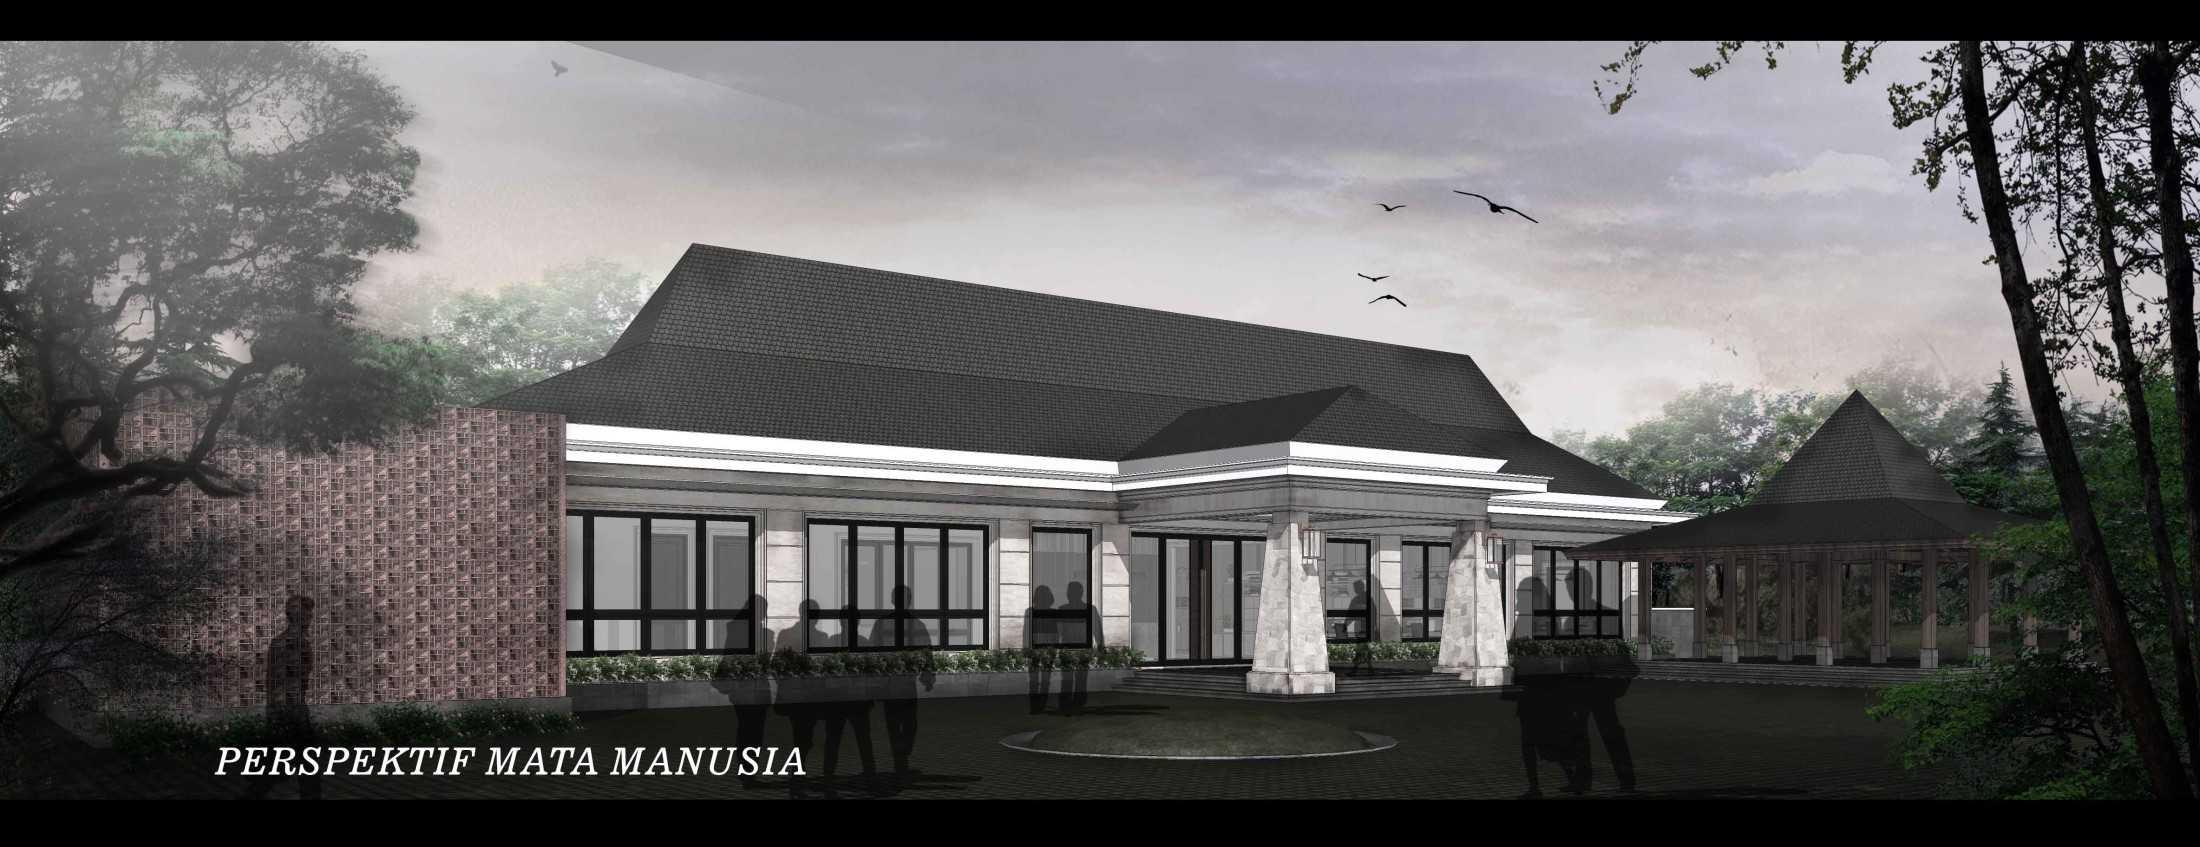 diff.studio-architect di Kediri